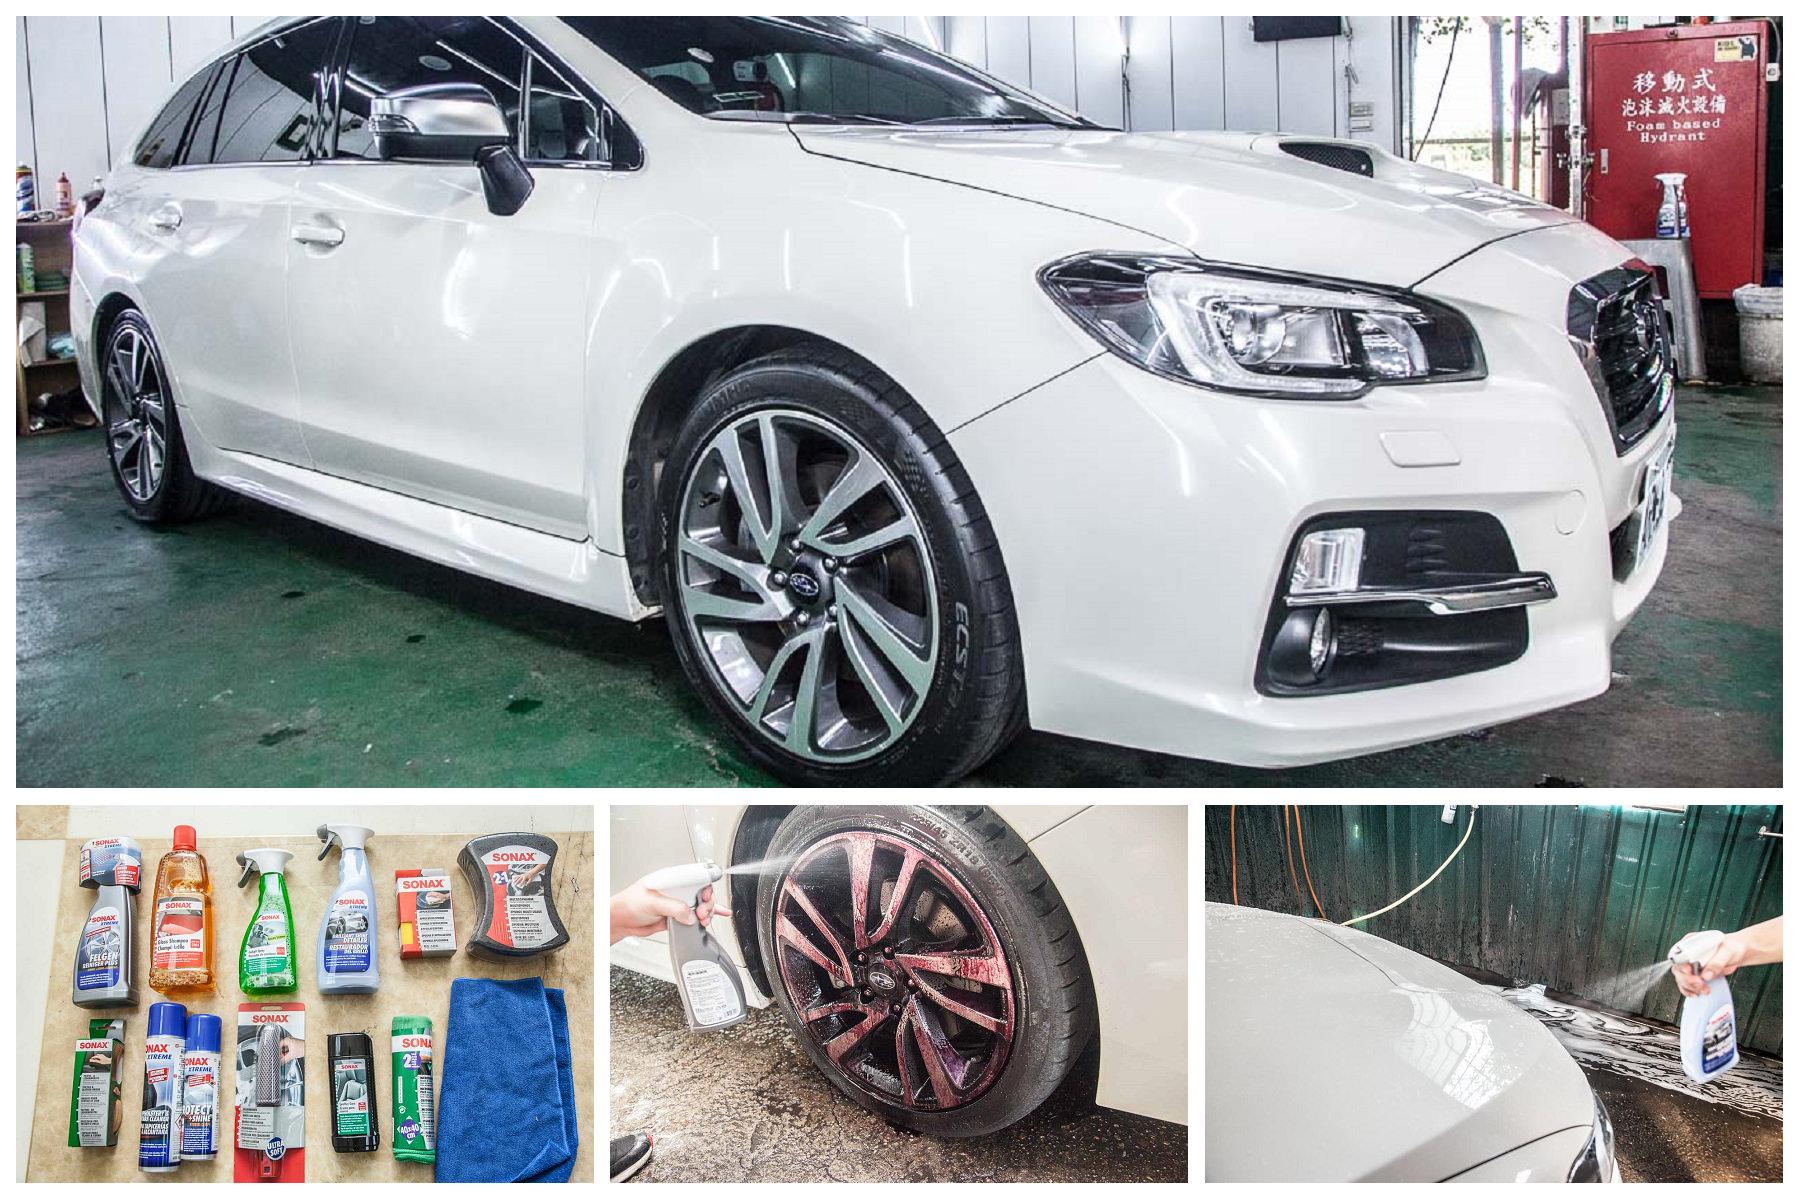 頂級車輛保養產品!在家就能輕鬆施作的極致德國科技鍍膜!德國SONAX鍍膜